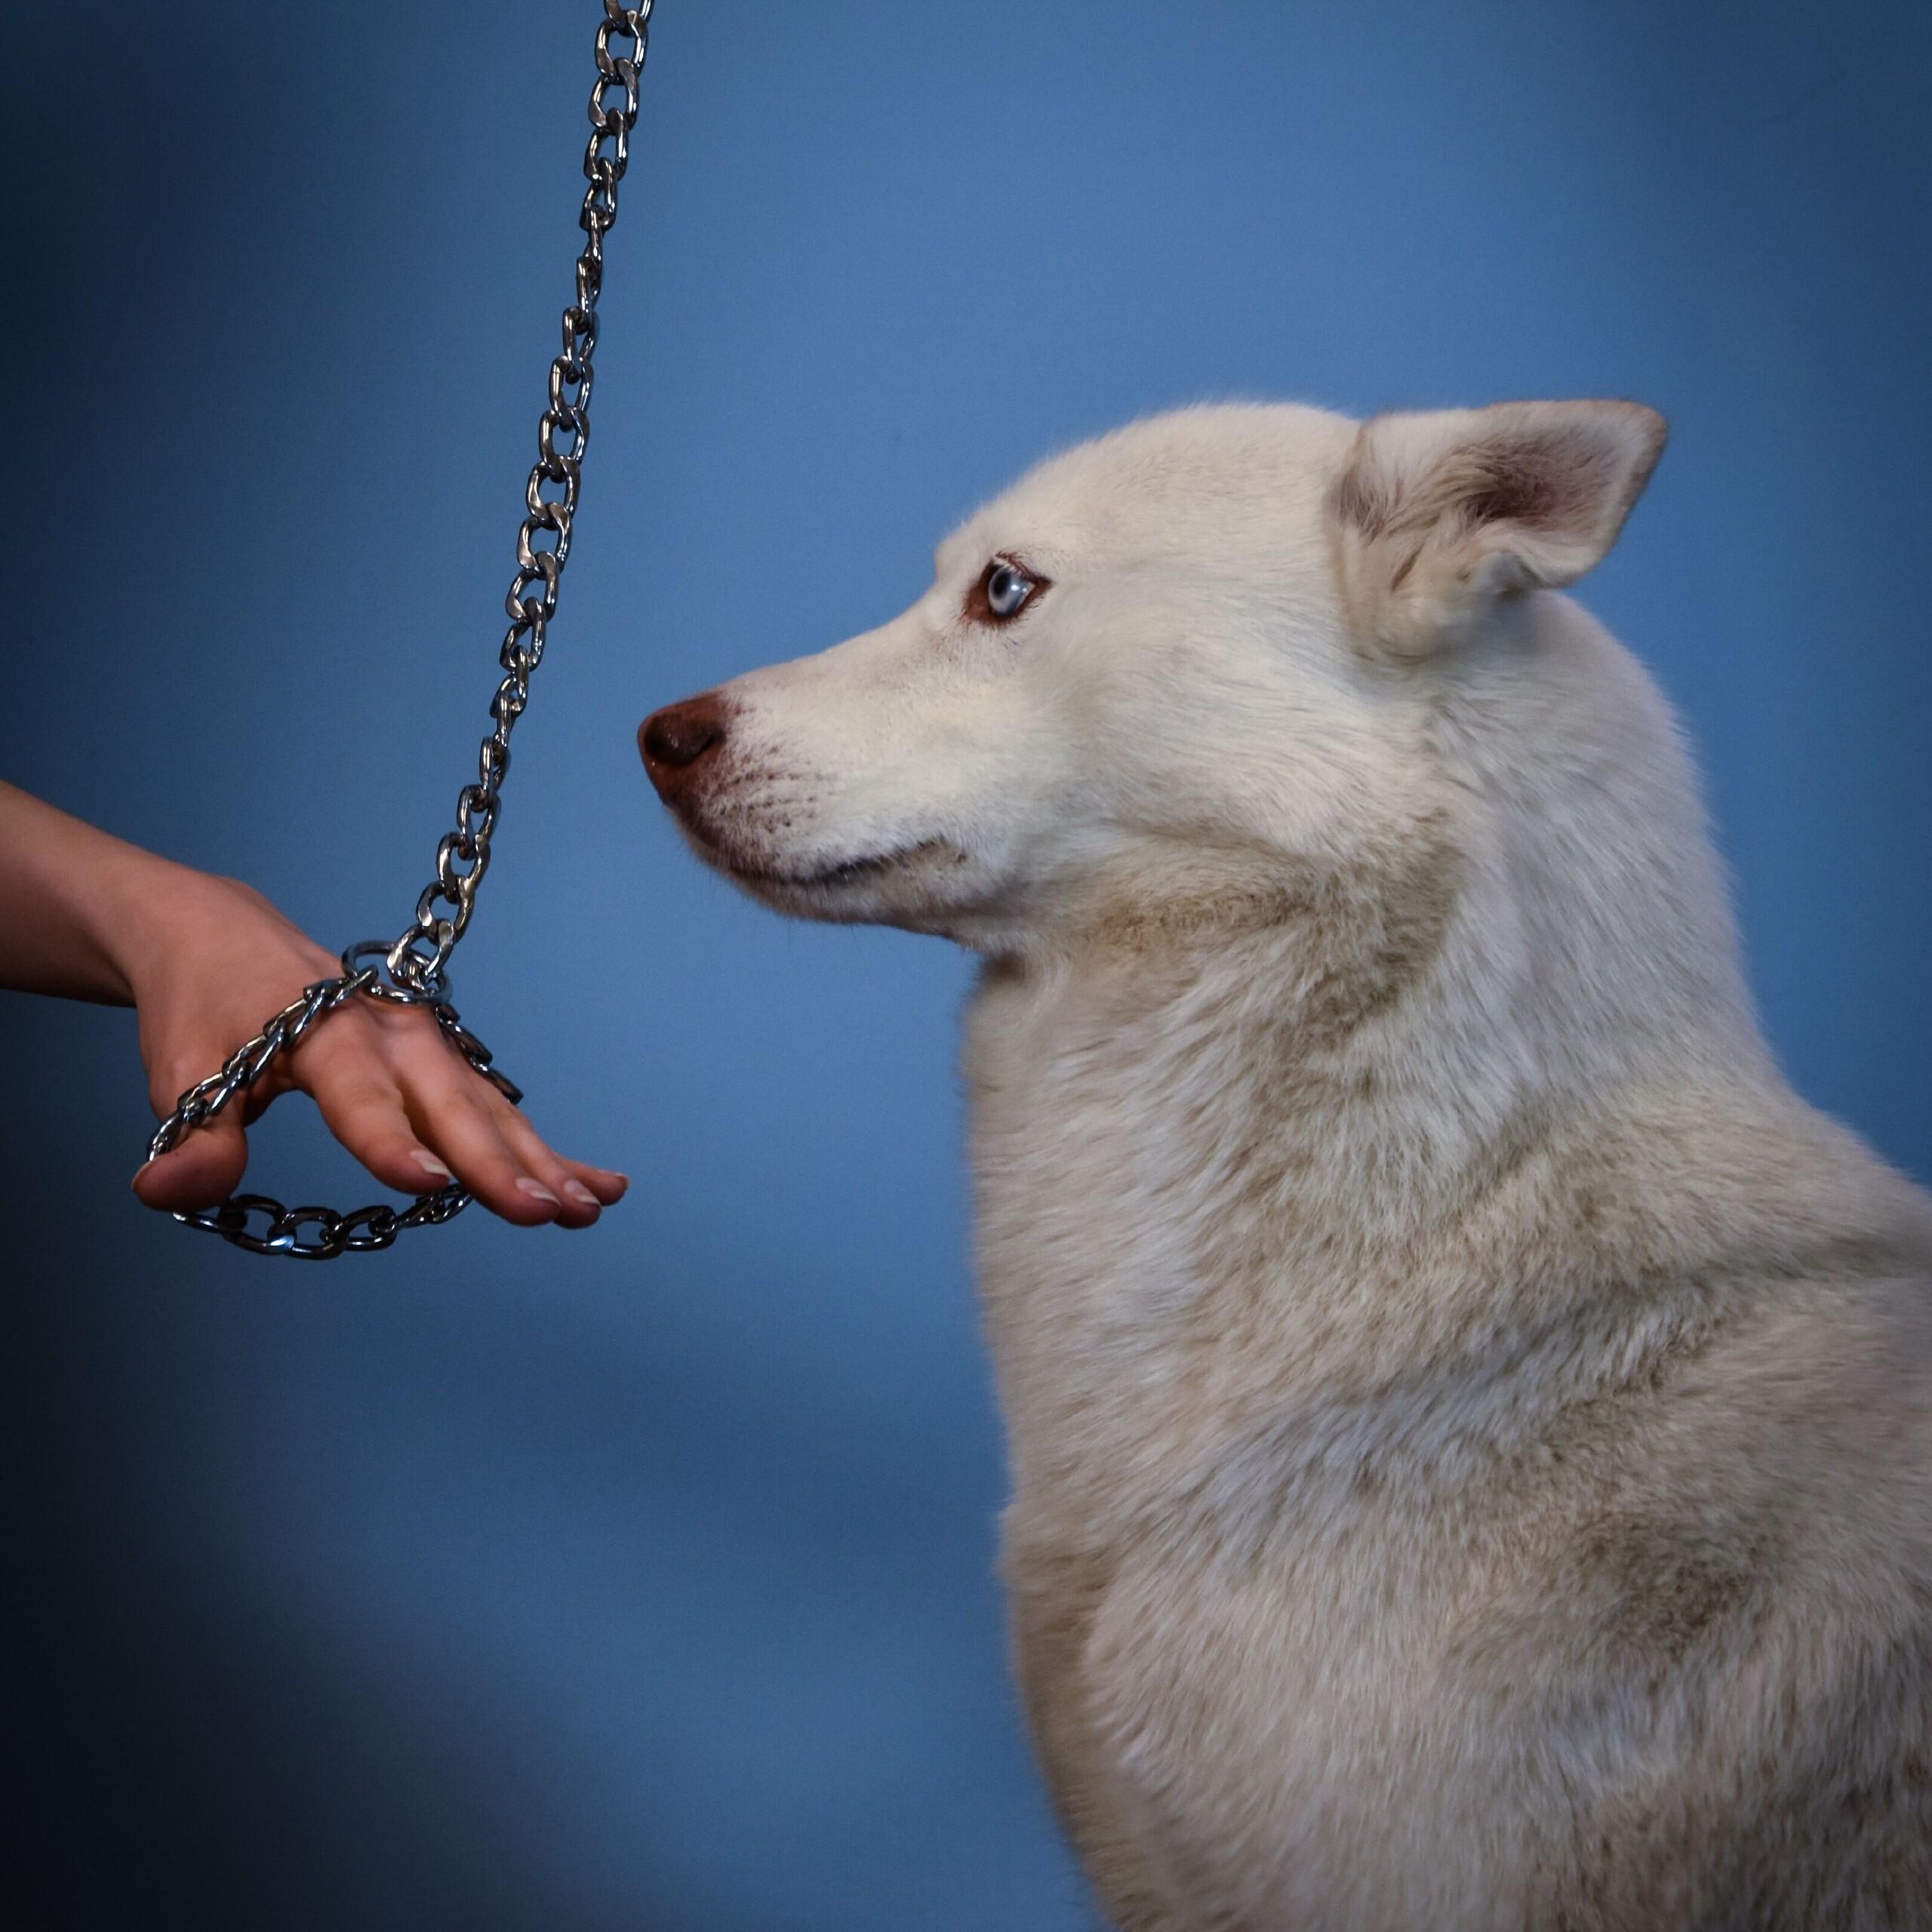 Würgehalsbänder sind für die Hunde gefährlich. (c) VIER PFOTEN